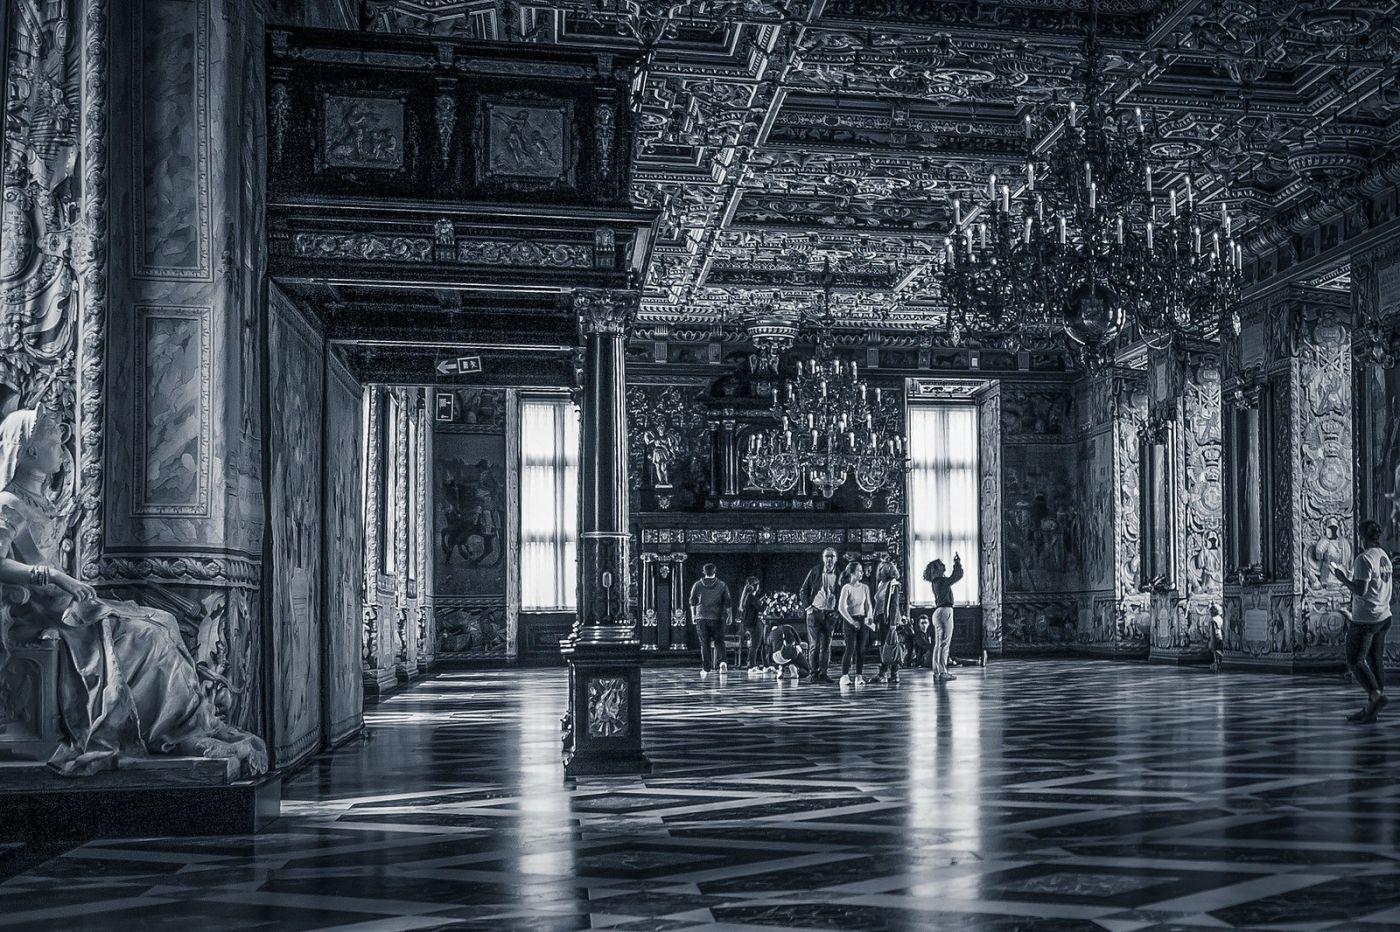 丹麦腓特烈堡城堡,回看历史_图1-30